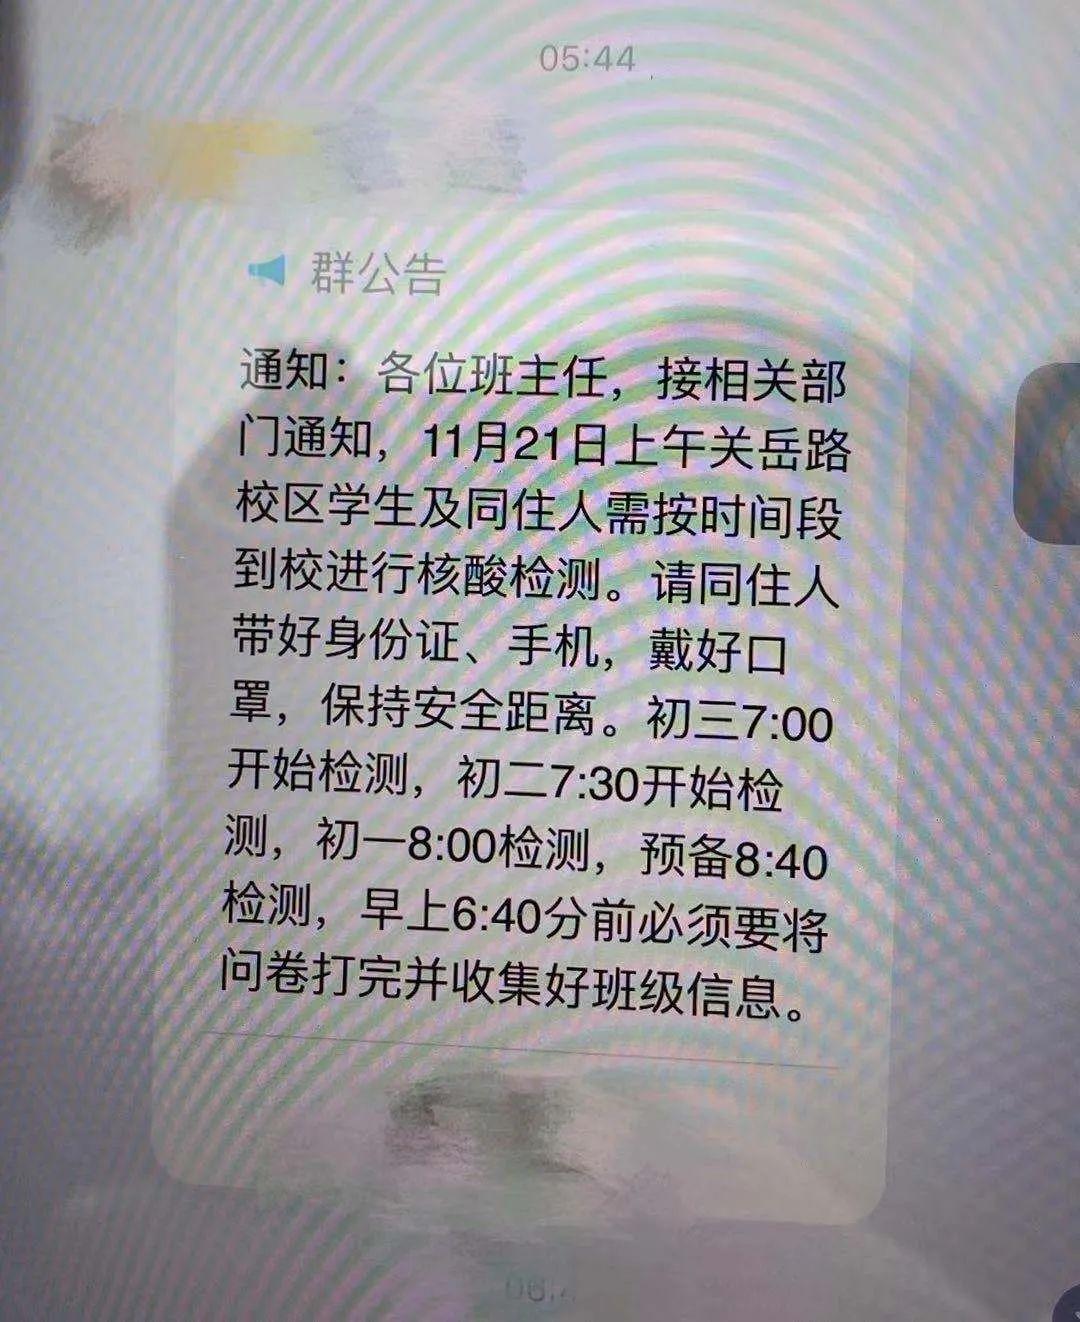 上海新增1例本地確診新冠病例 小區連夜核酸檢測